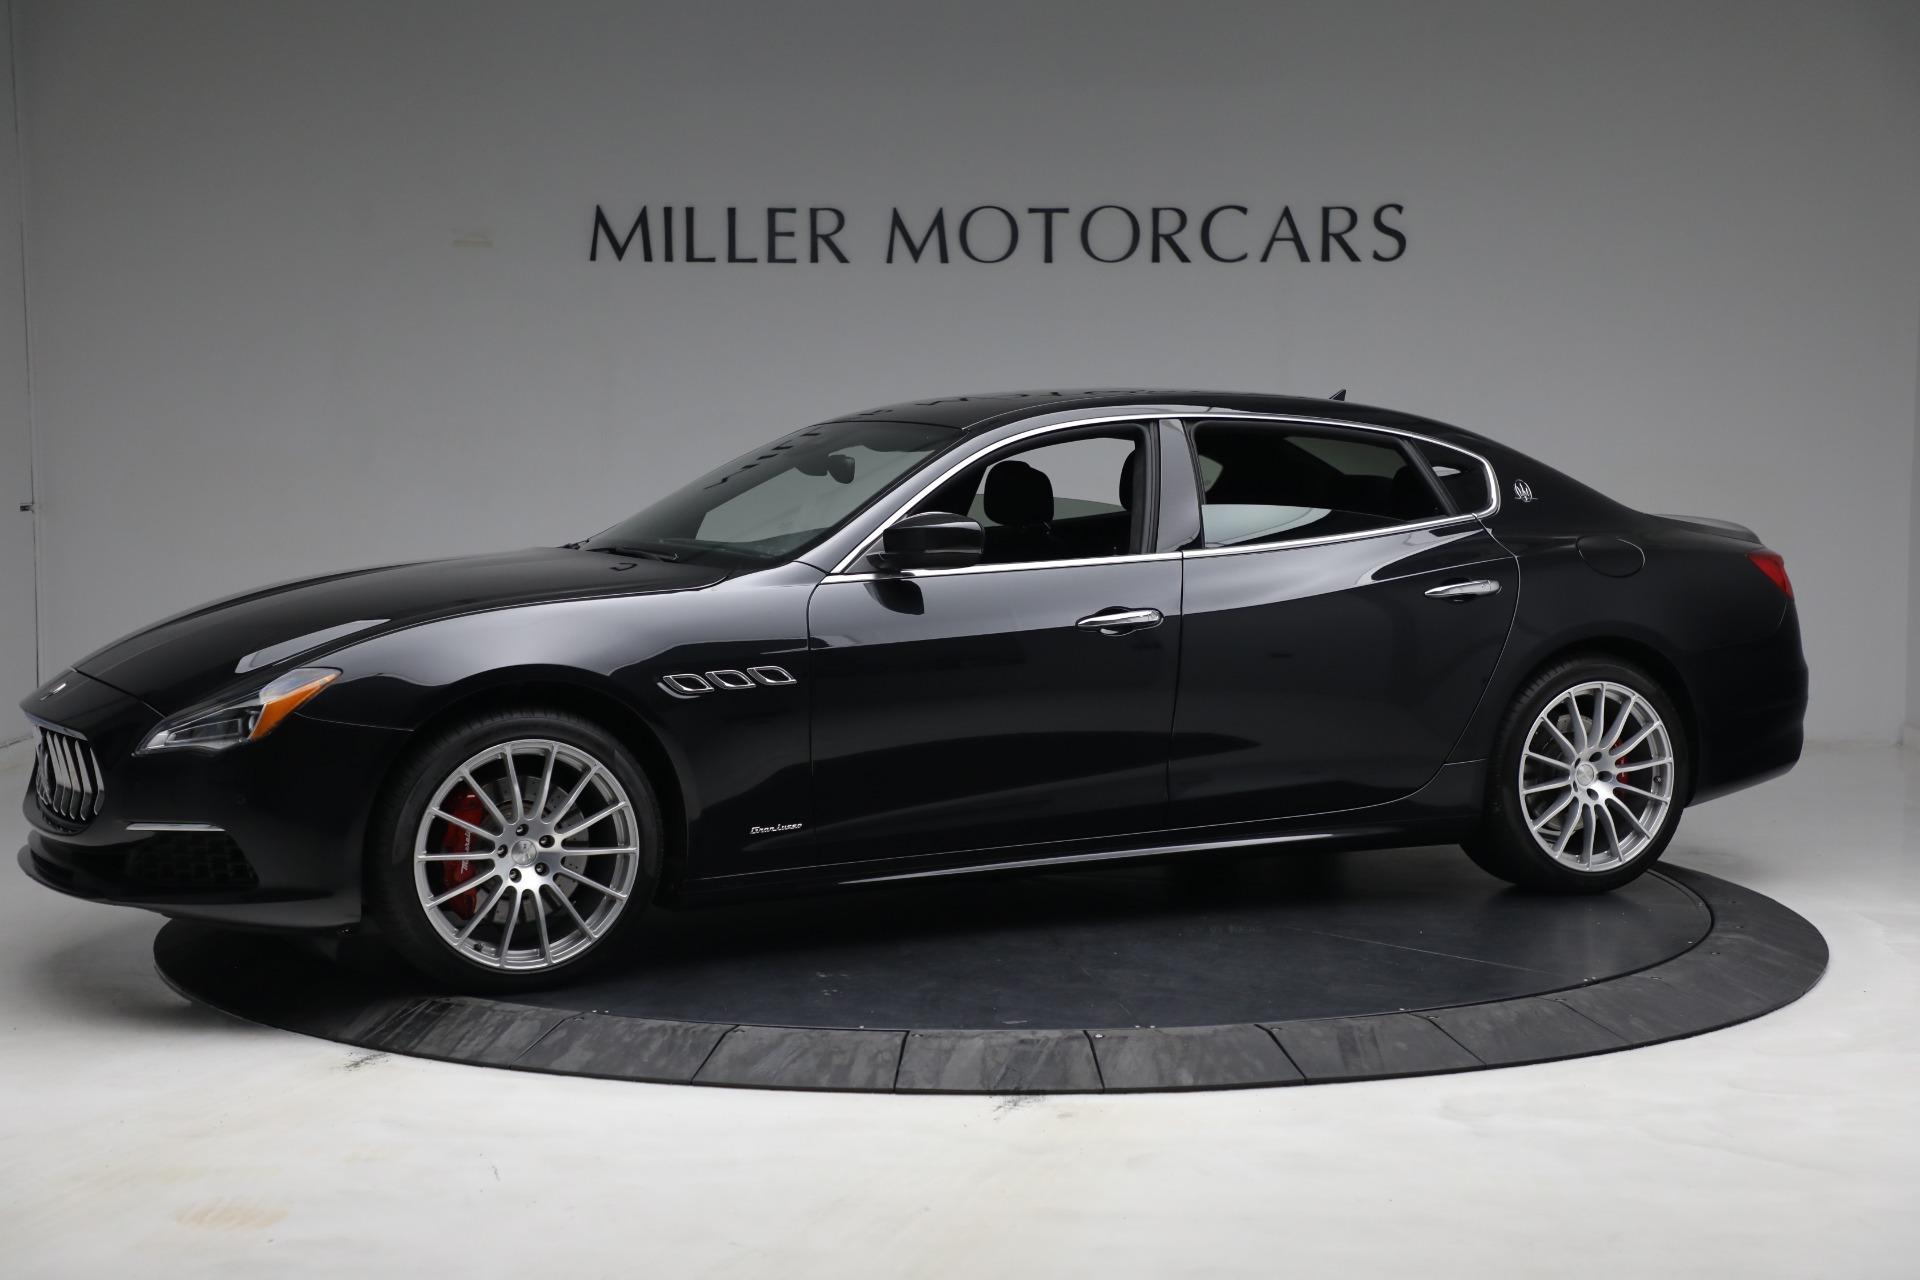 New 2019 Maserati Quattroporte S Q4 GranLusso For Sale In Greenwich, CT. Alfa Romeo of Greenwich, M2197 2619_p2